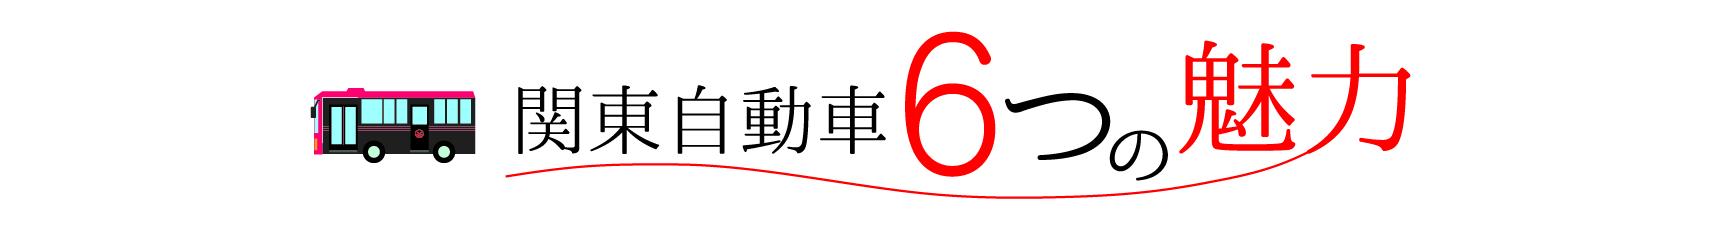 kanto_at.jpg